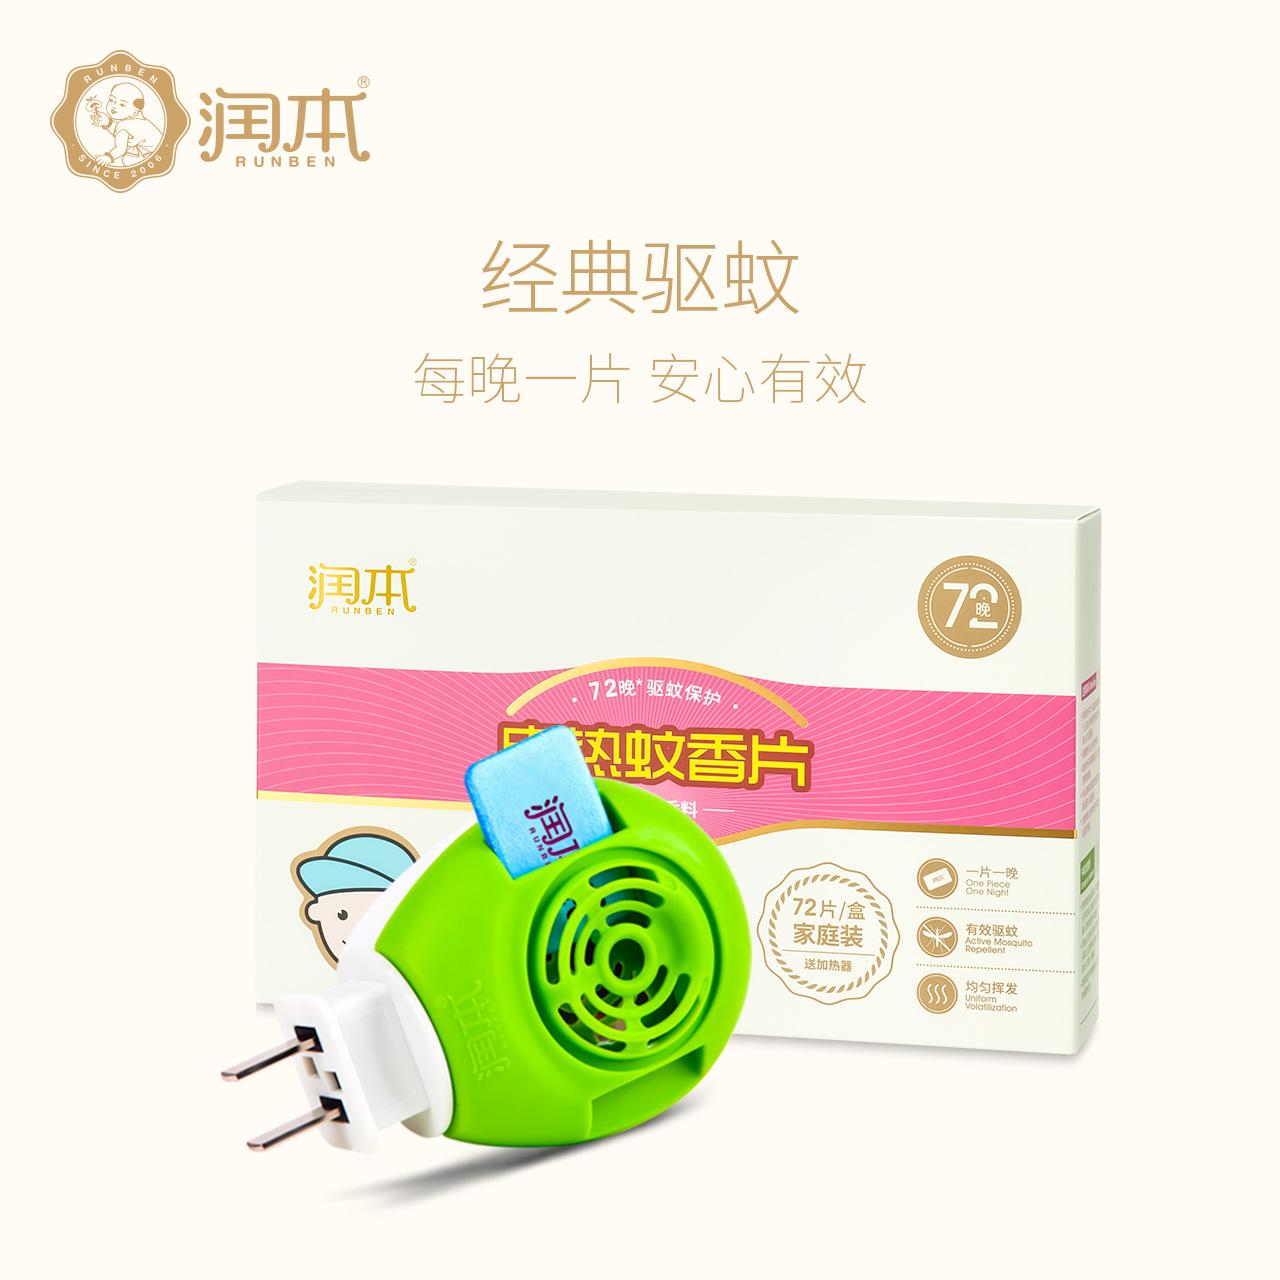 润本电热蚊香片无味型72片*2盒+加热器 驱蚊防蚊套装全家夏季用品